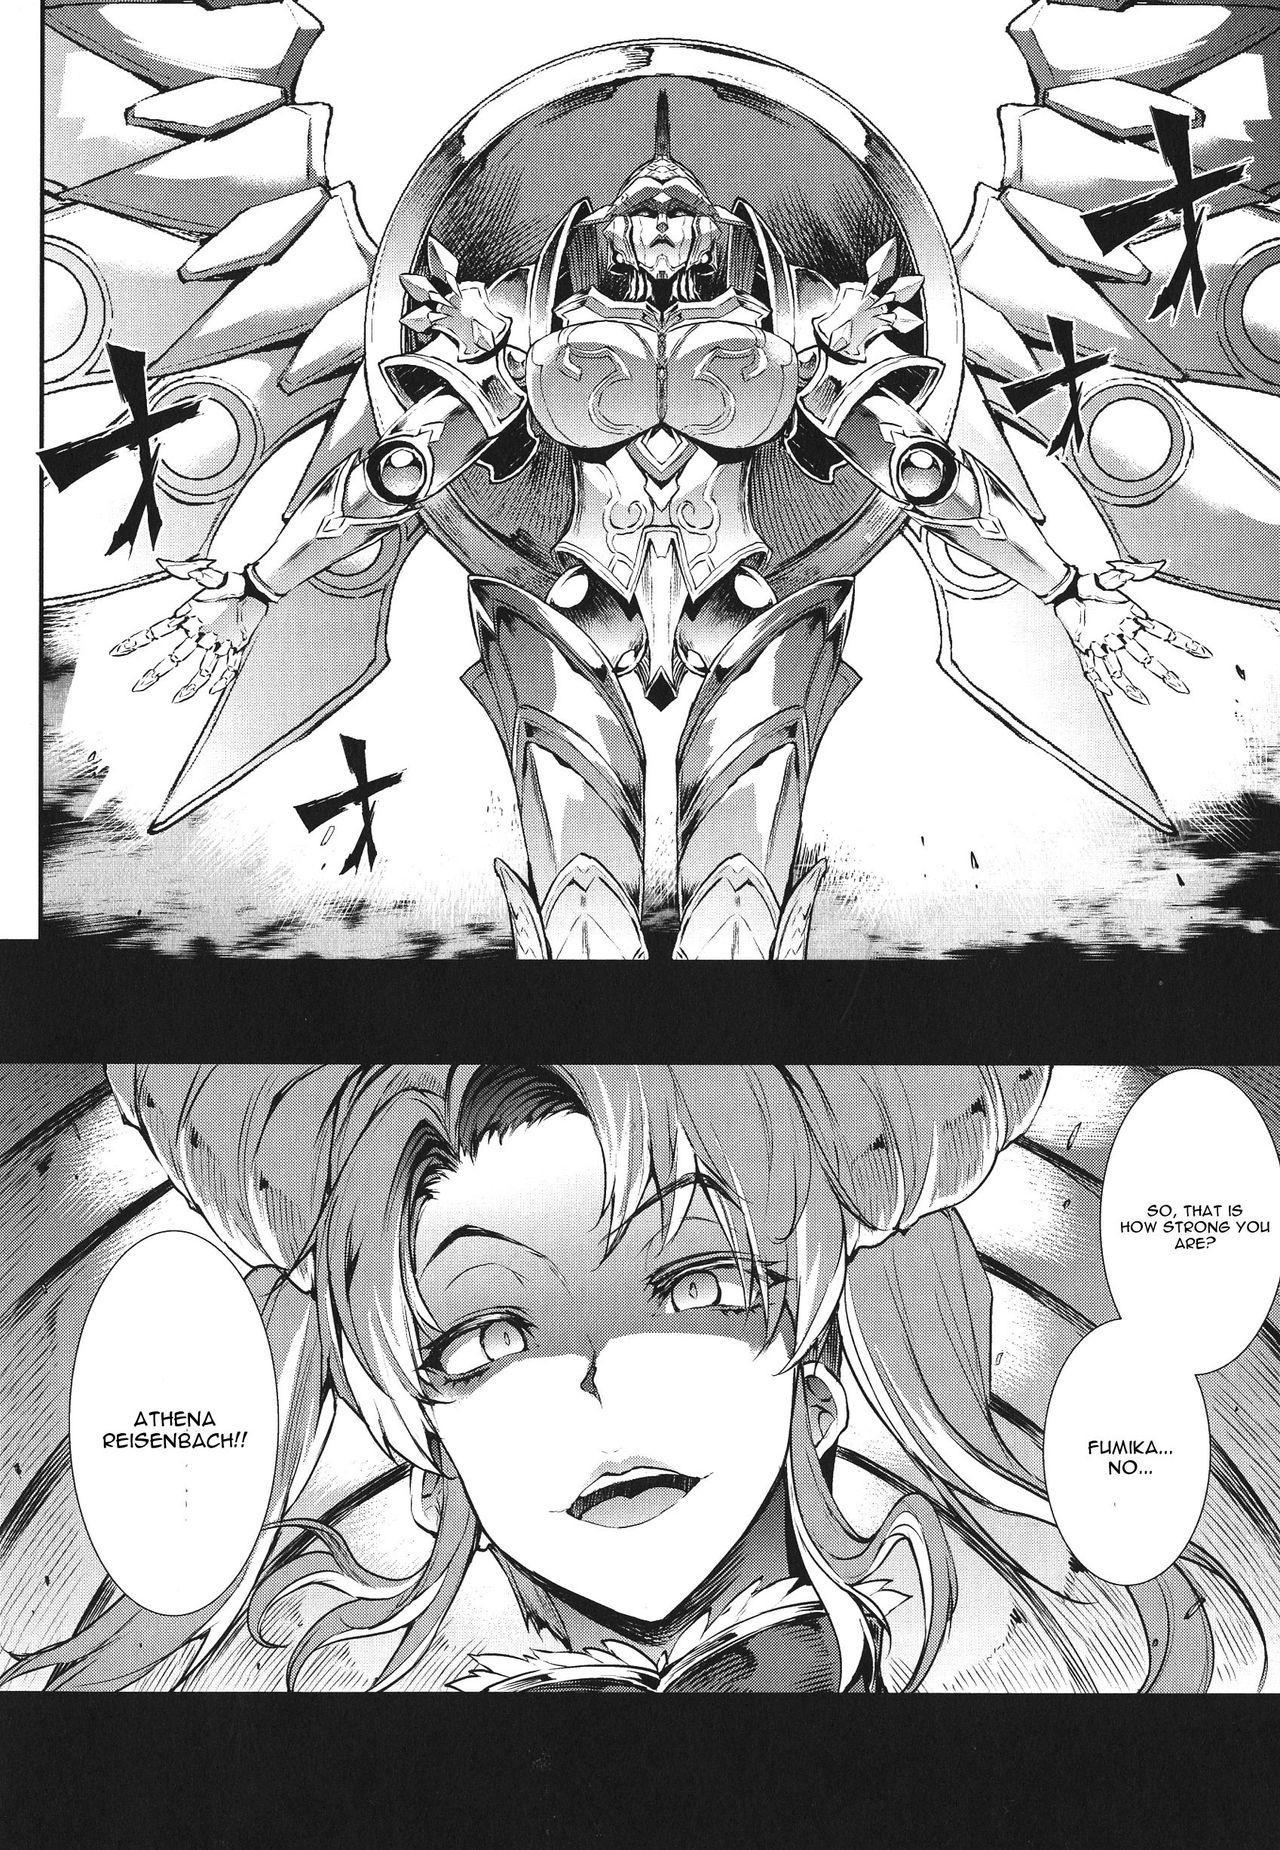 [Erect Sawaru] Raikou Shinki Igis Magia -PANDRA saga 3rd ignition- Ch. 1-6 [English] [CGrascal] 31